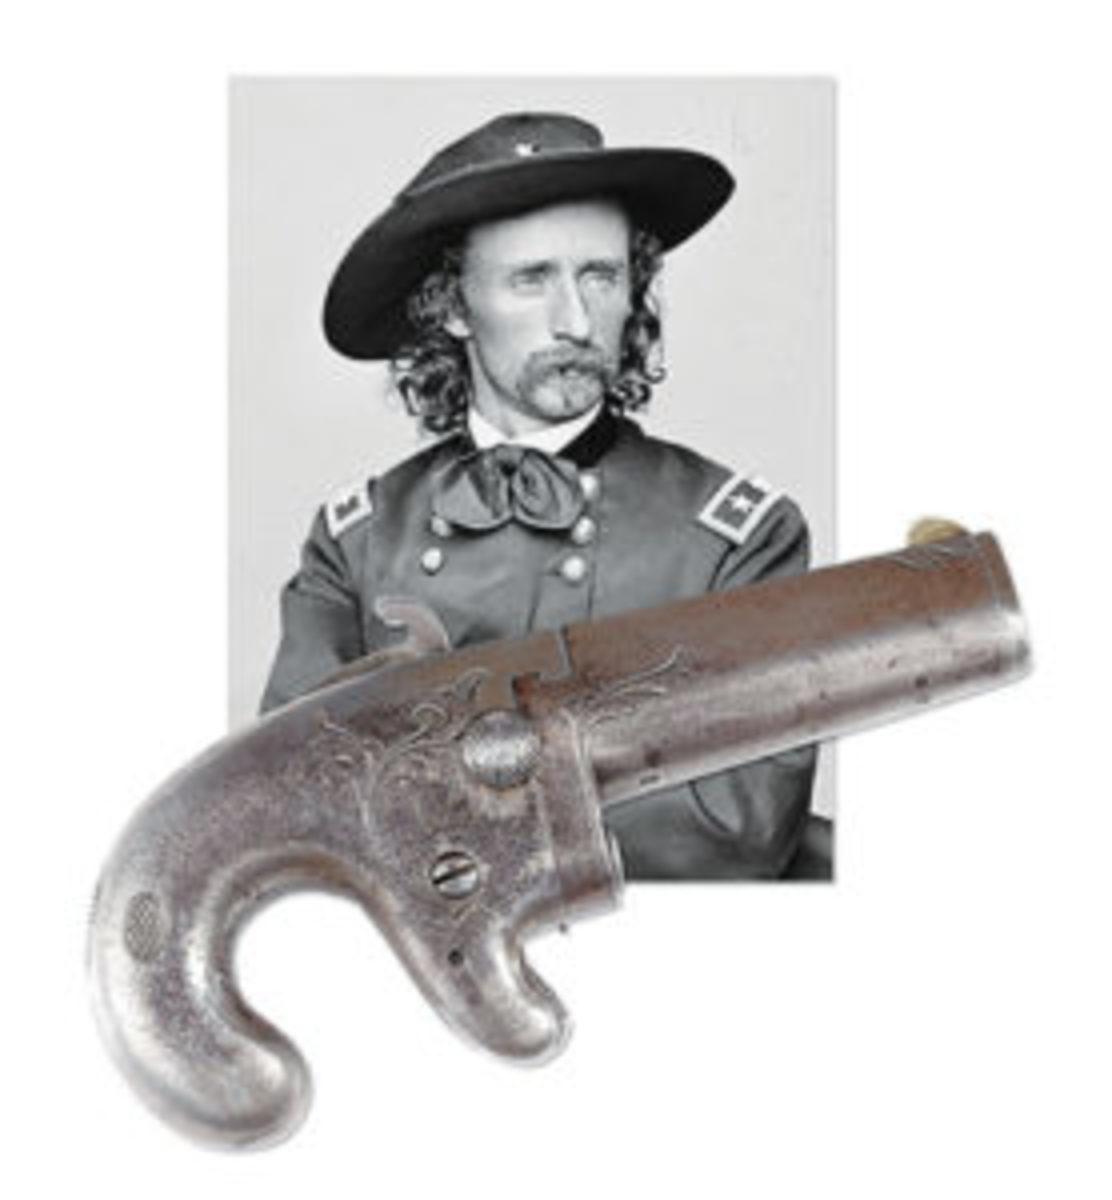 Custer's Derringer